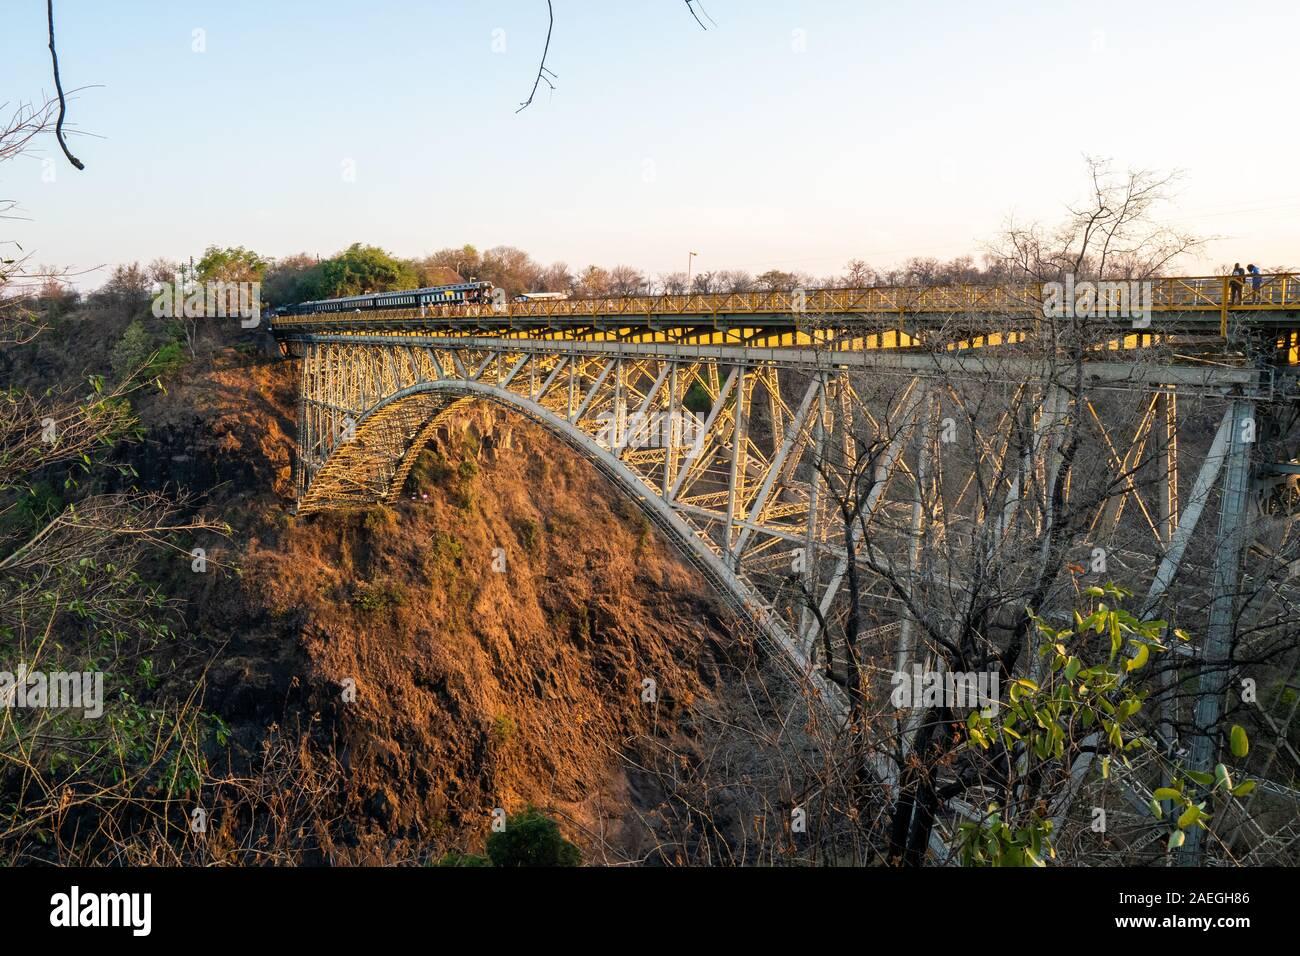 El Puente de Victoria Falls marca la frontera entre Zambia y Zimbabwe en África austral Foto de stock